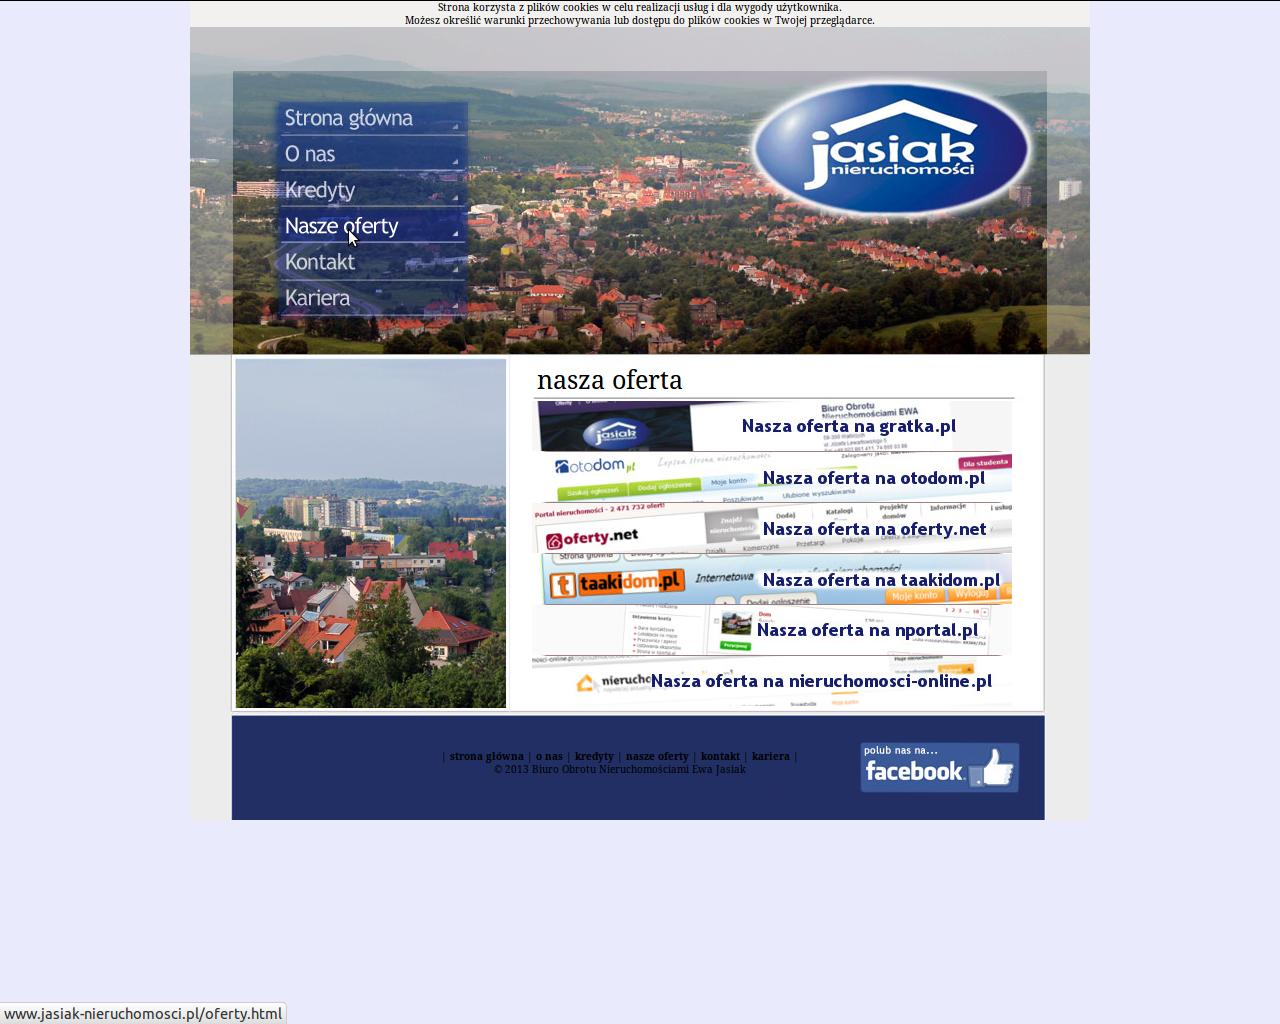 http://www.jasiak-nieruchomosci.pl